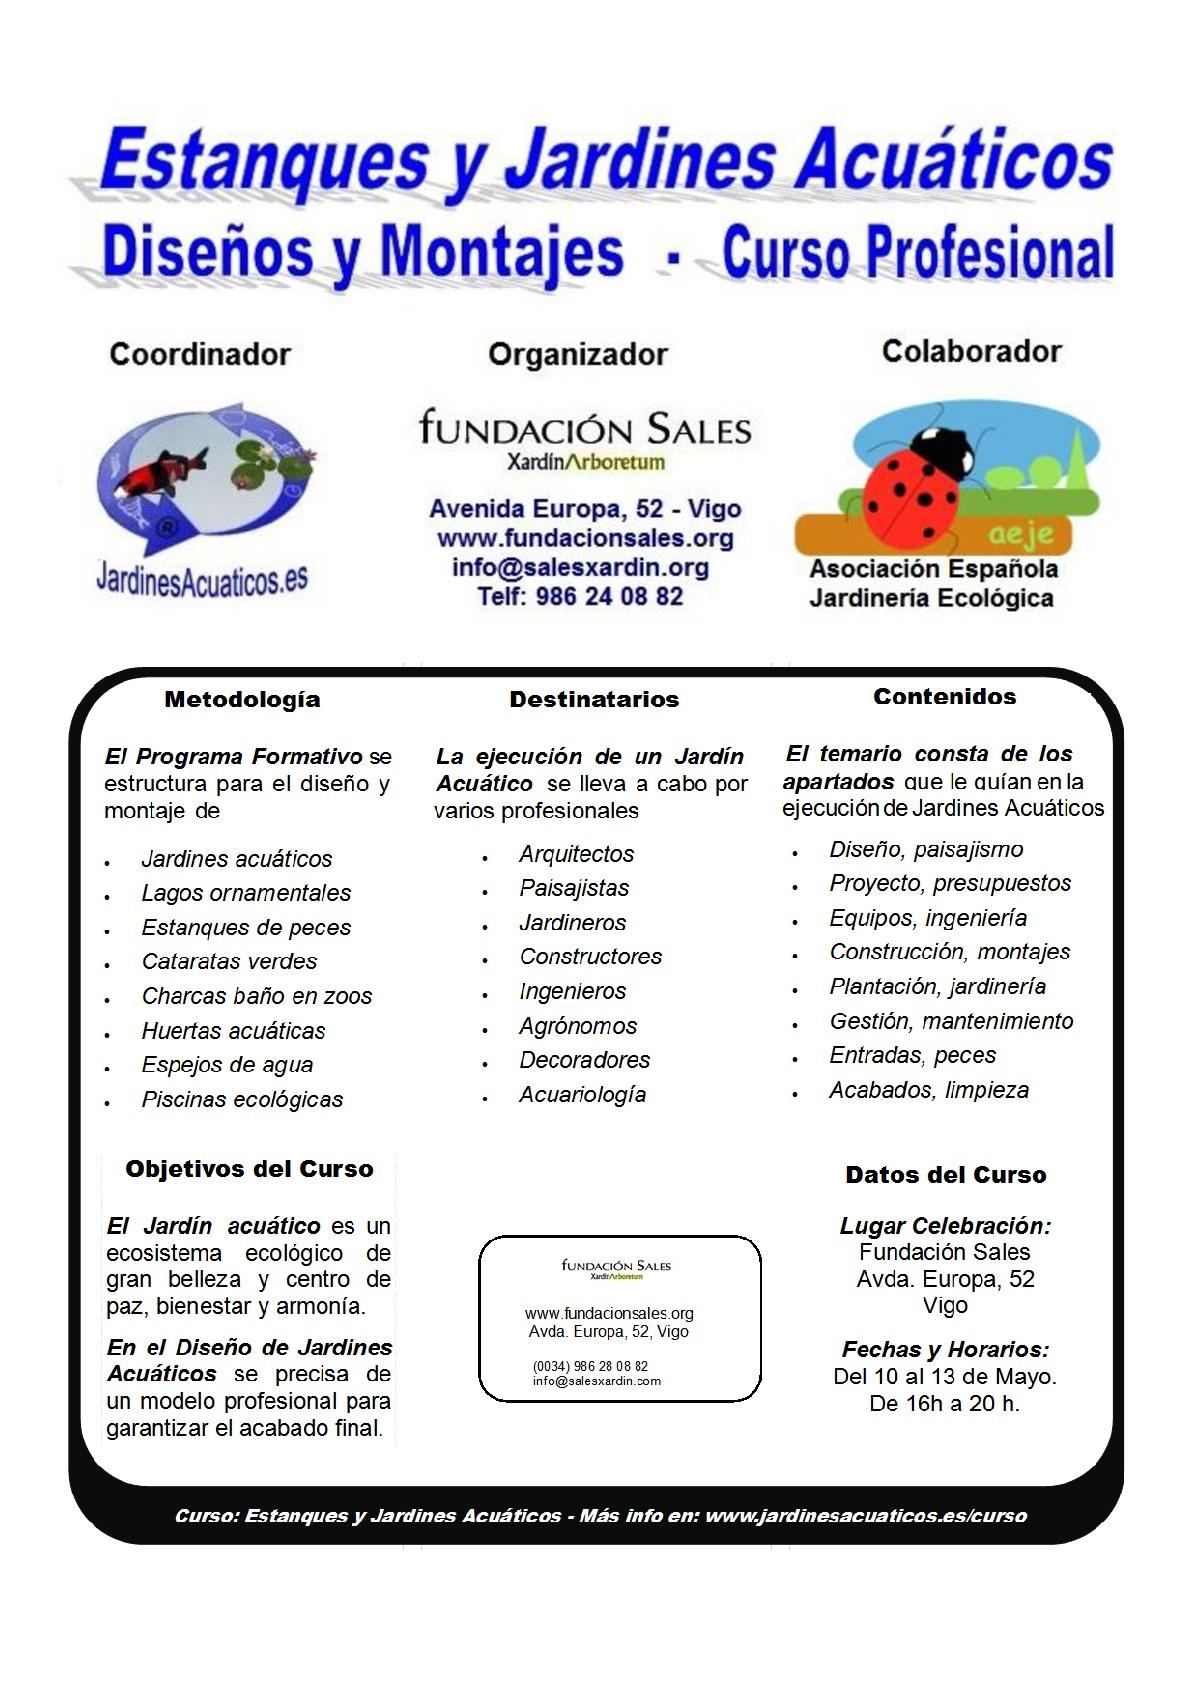 Curso Técnico Profesional de Estanques y Jardines Acuáticos en la Fundación Sales